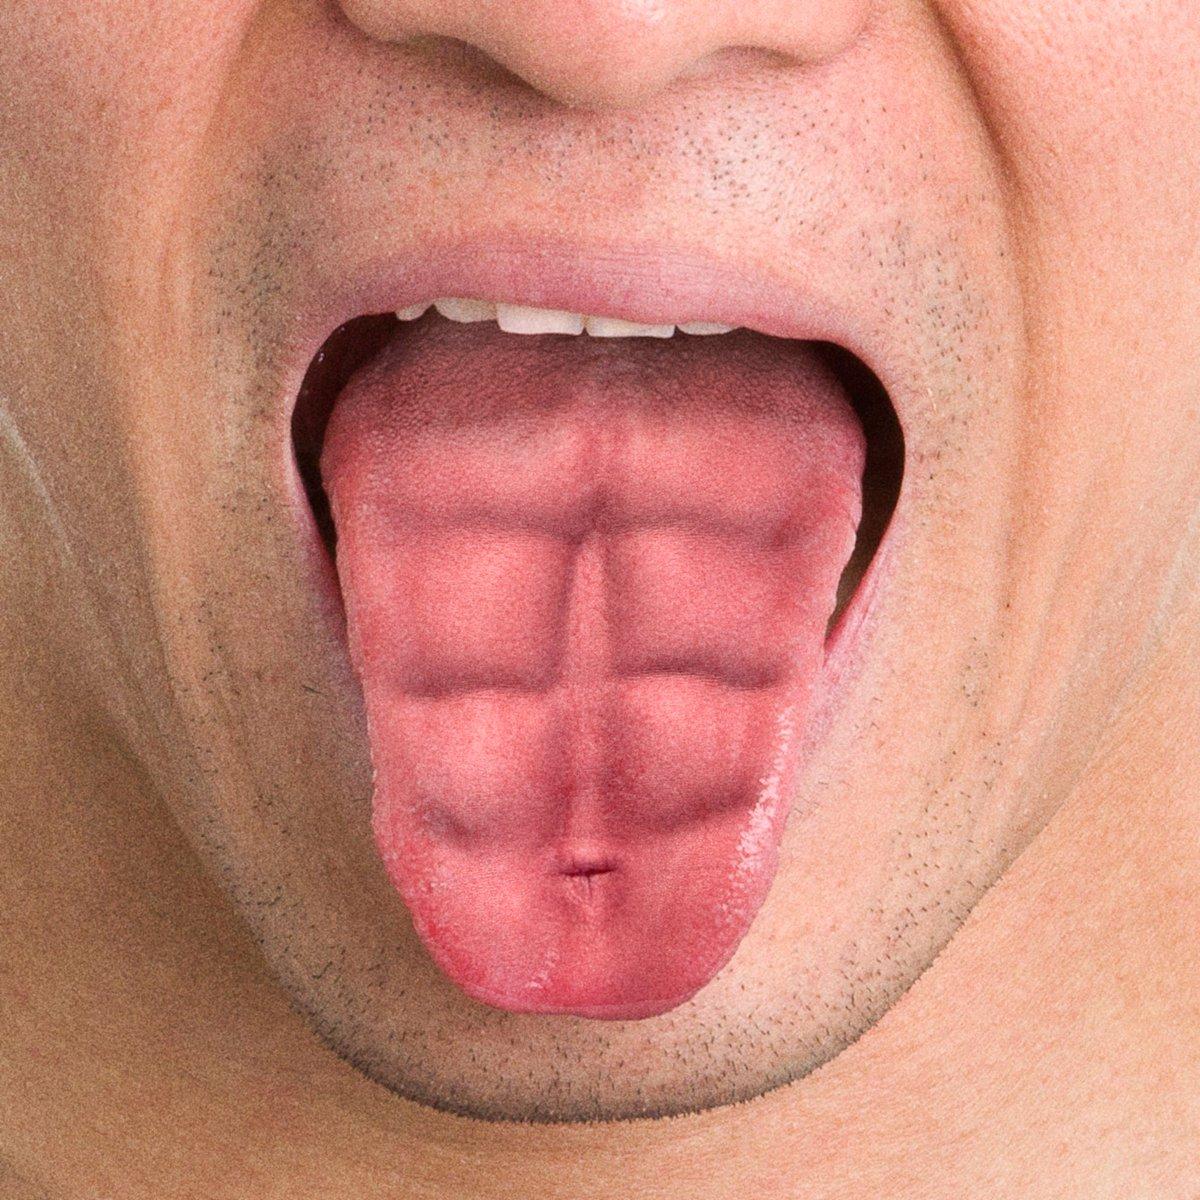 Never skip tongue day https://t.co/39s7o8ZQUV